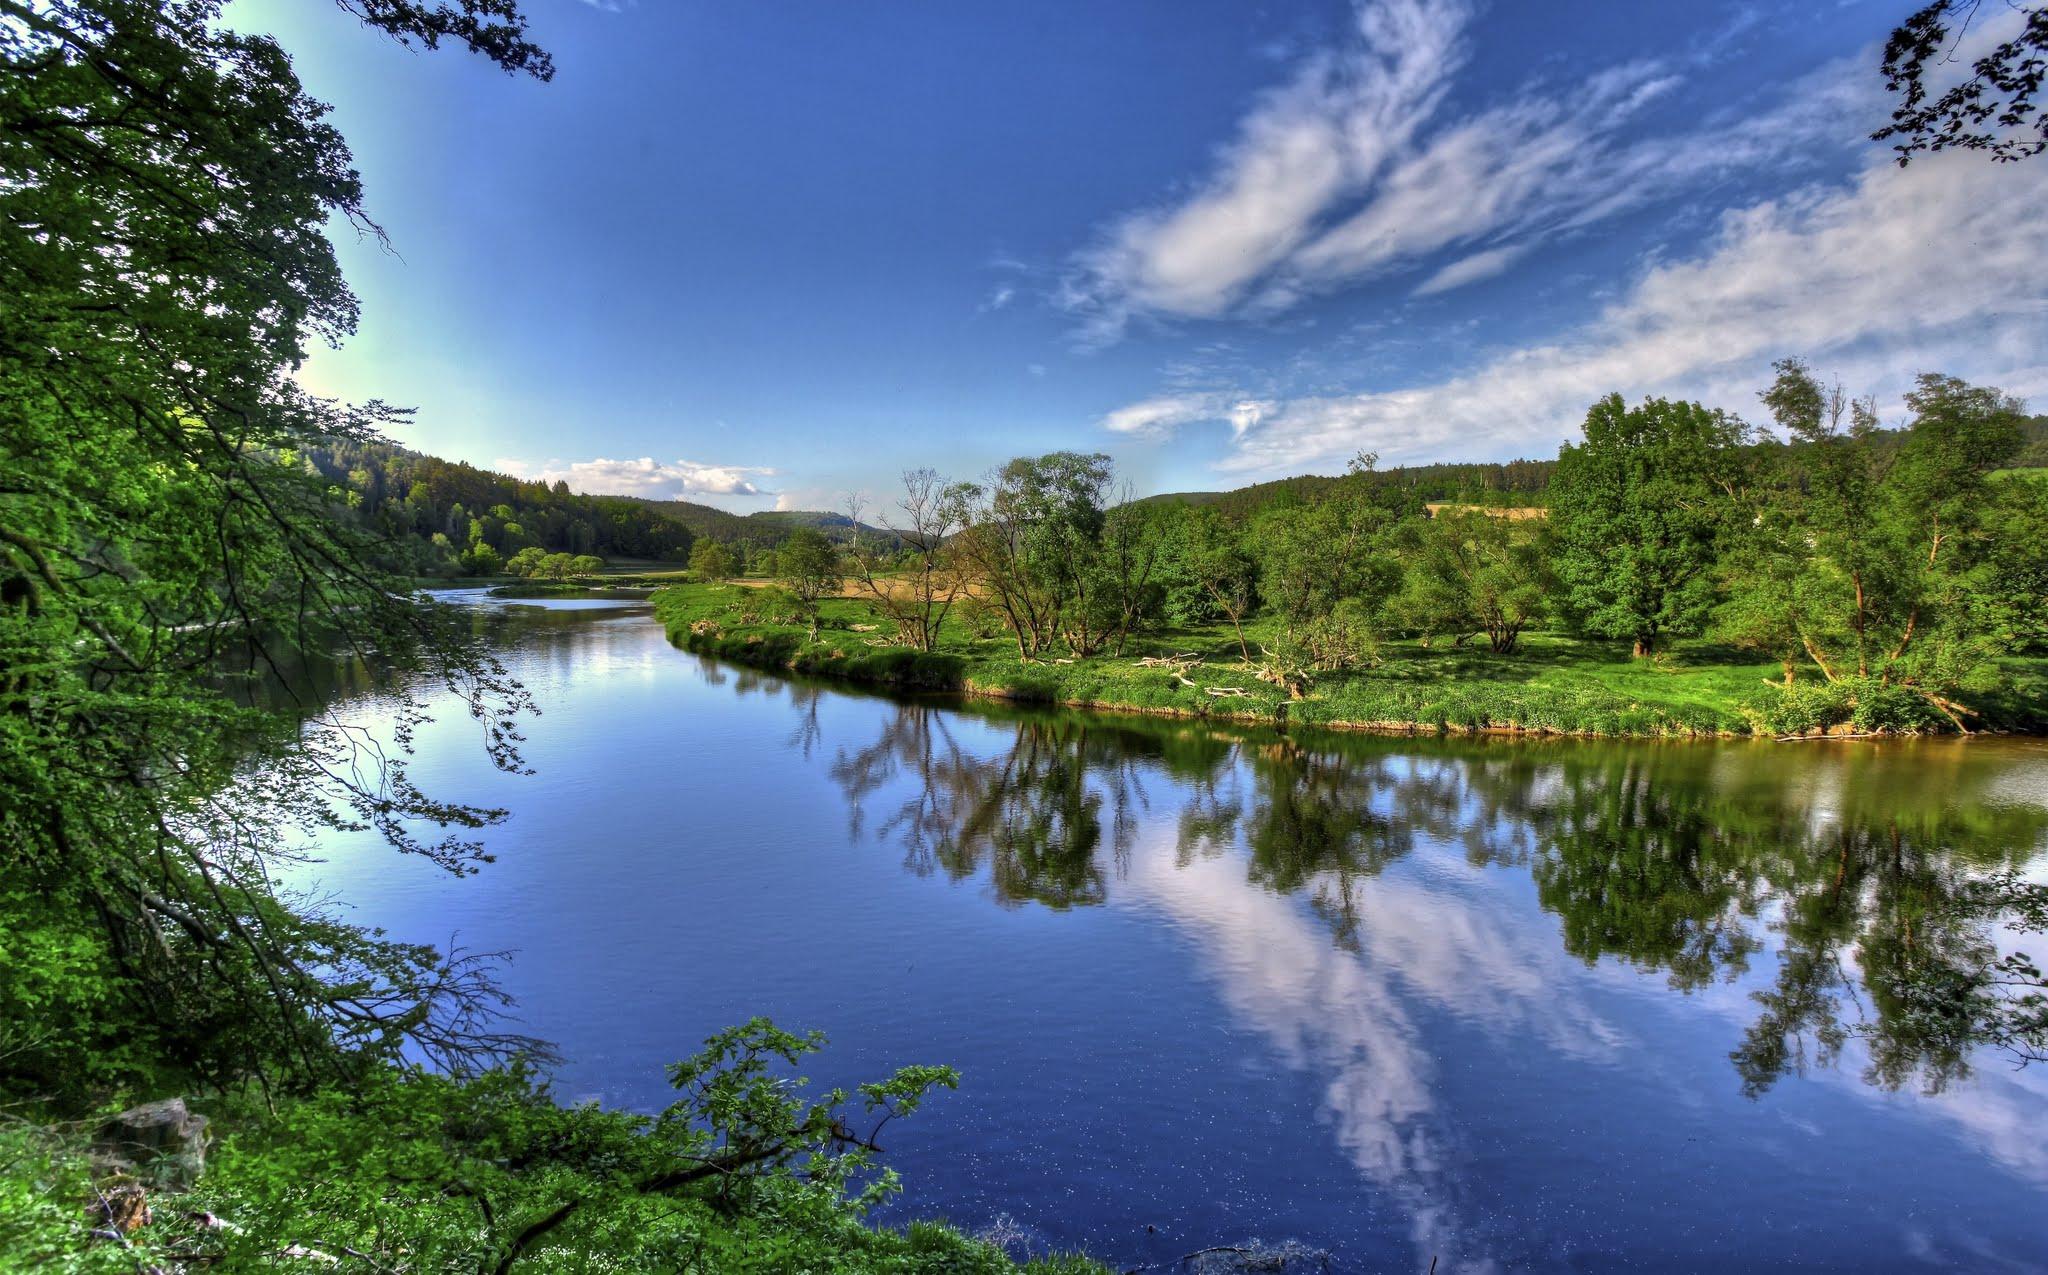 Photo: Landscape at the River Regen in Northern Bavaria